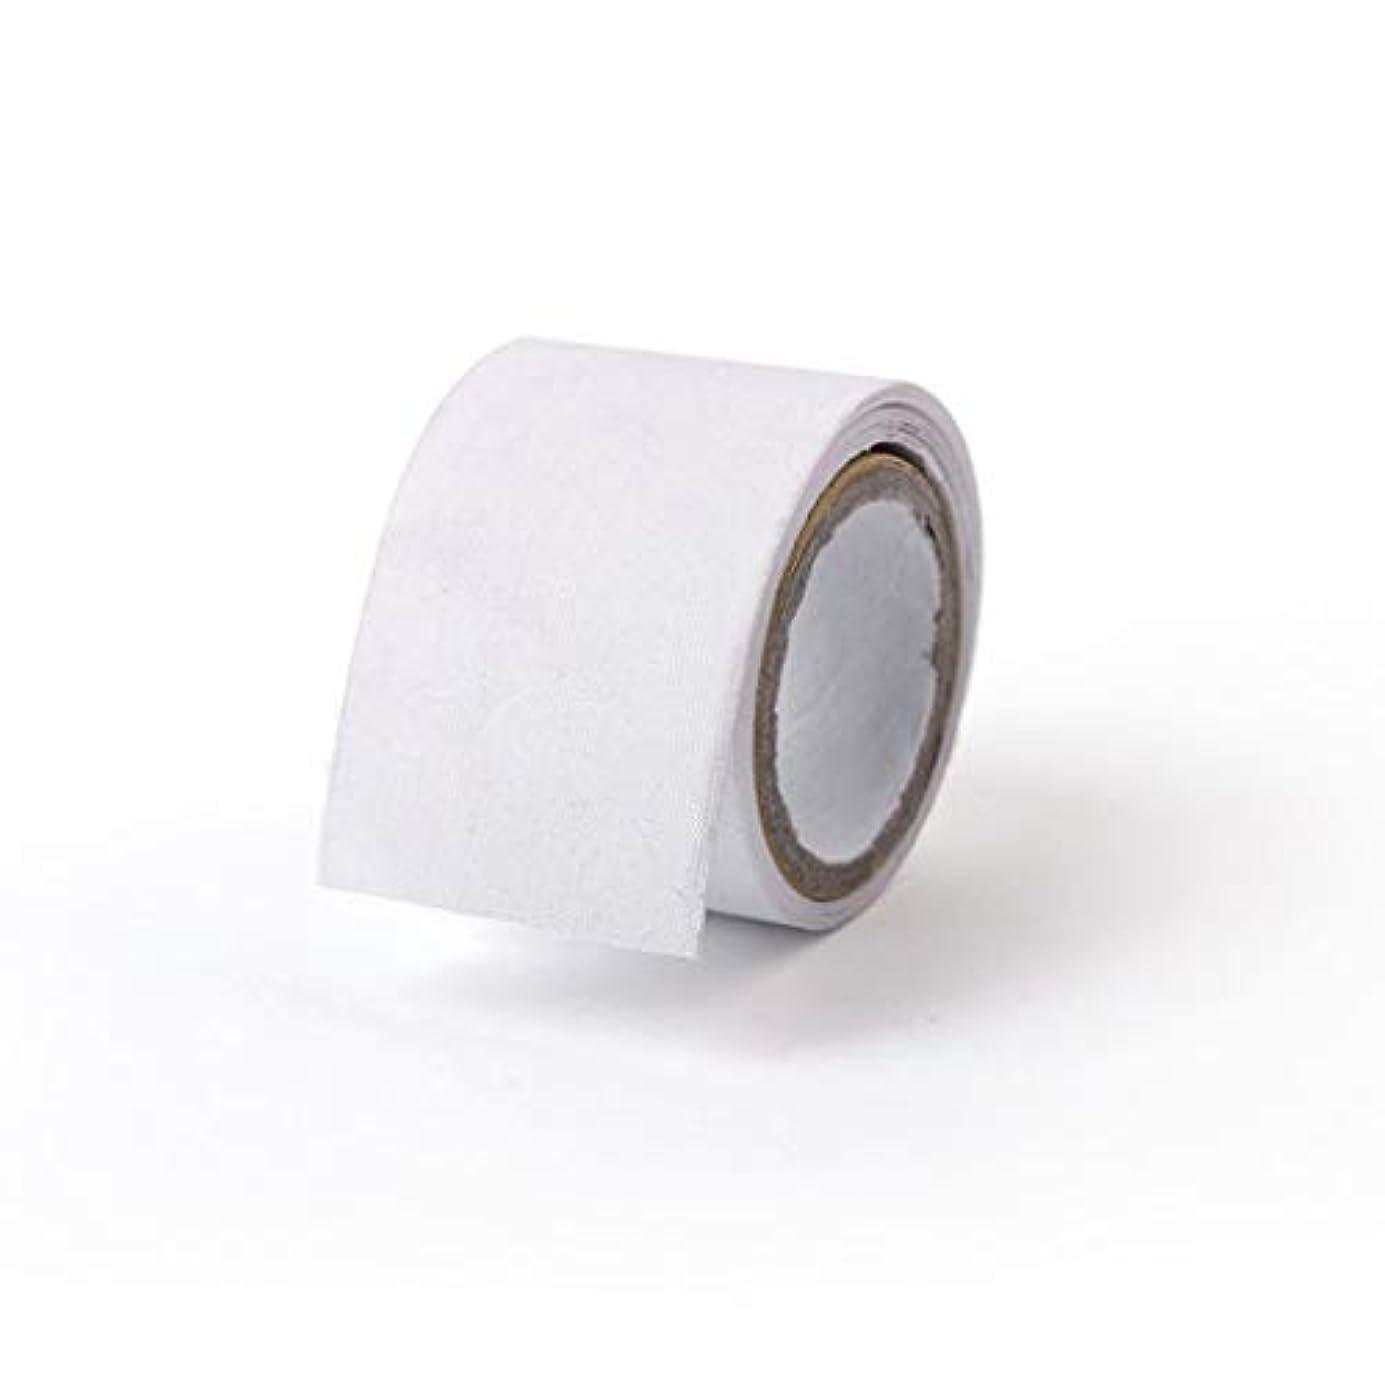 豊富にソフィー所有権1st market マニキュアシルクネイルラップネイルアートセルフスティックツールは白1ロールが含まれています丈夫で便利